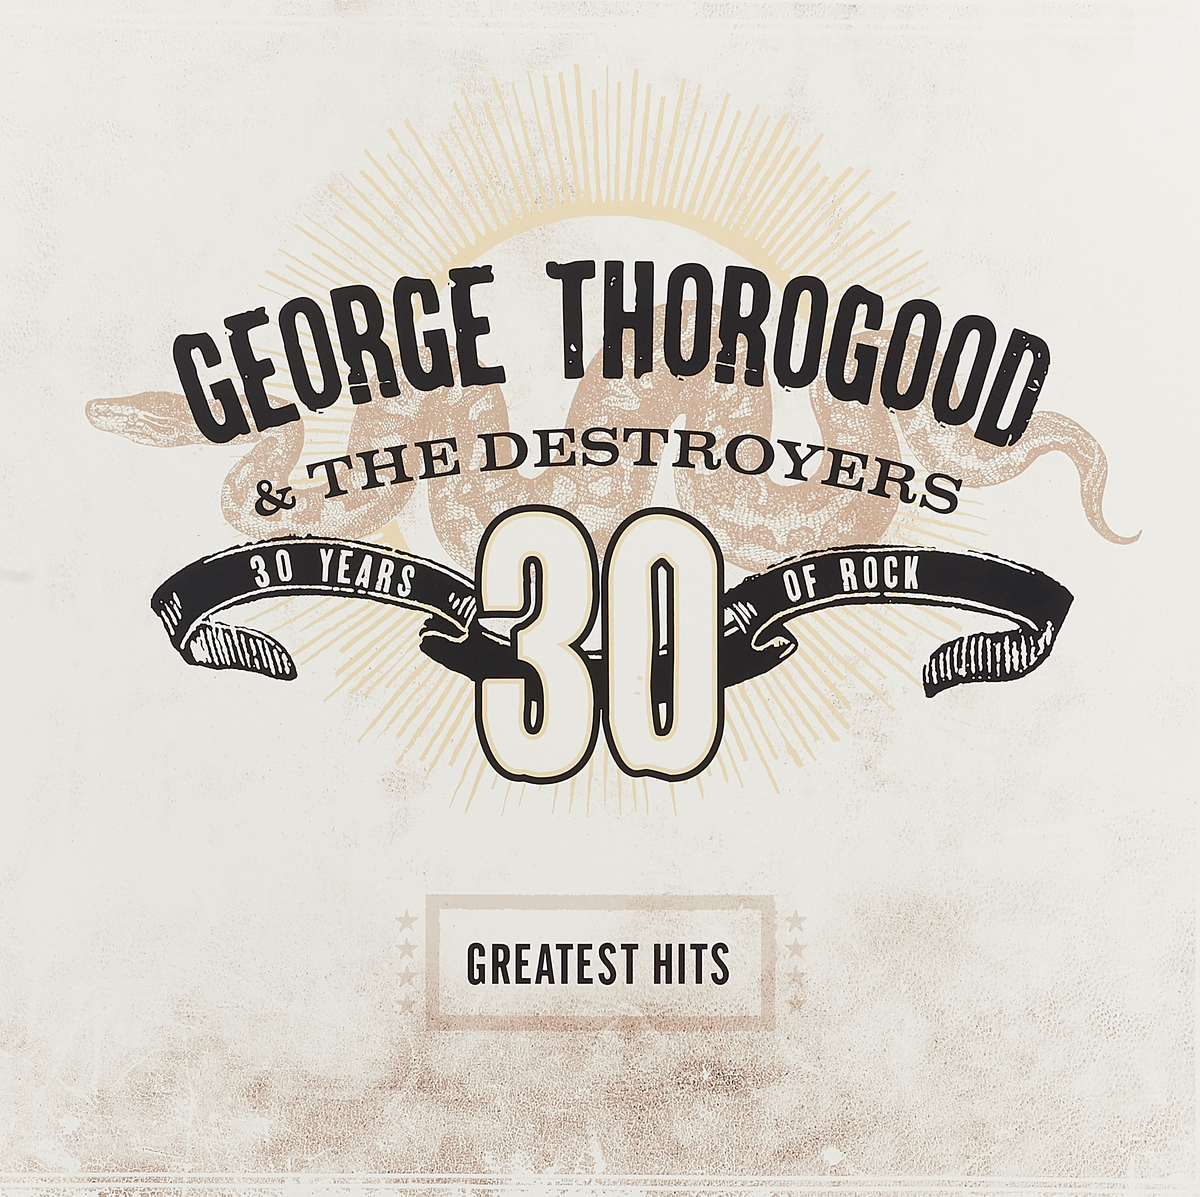 Джордж Торогуд George Thorogood. Greatest Hits: 30 Years Of Rock (2 LP) цена и фото